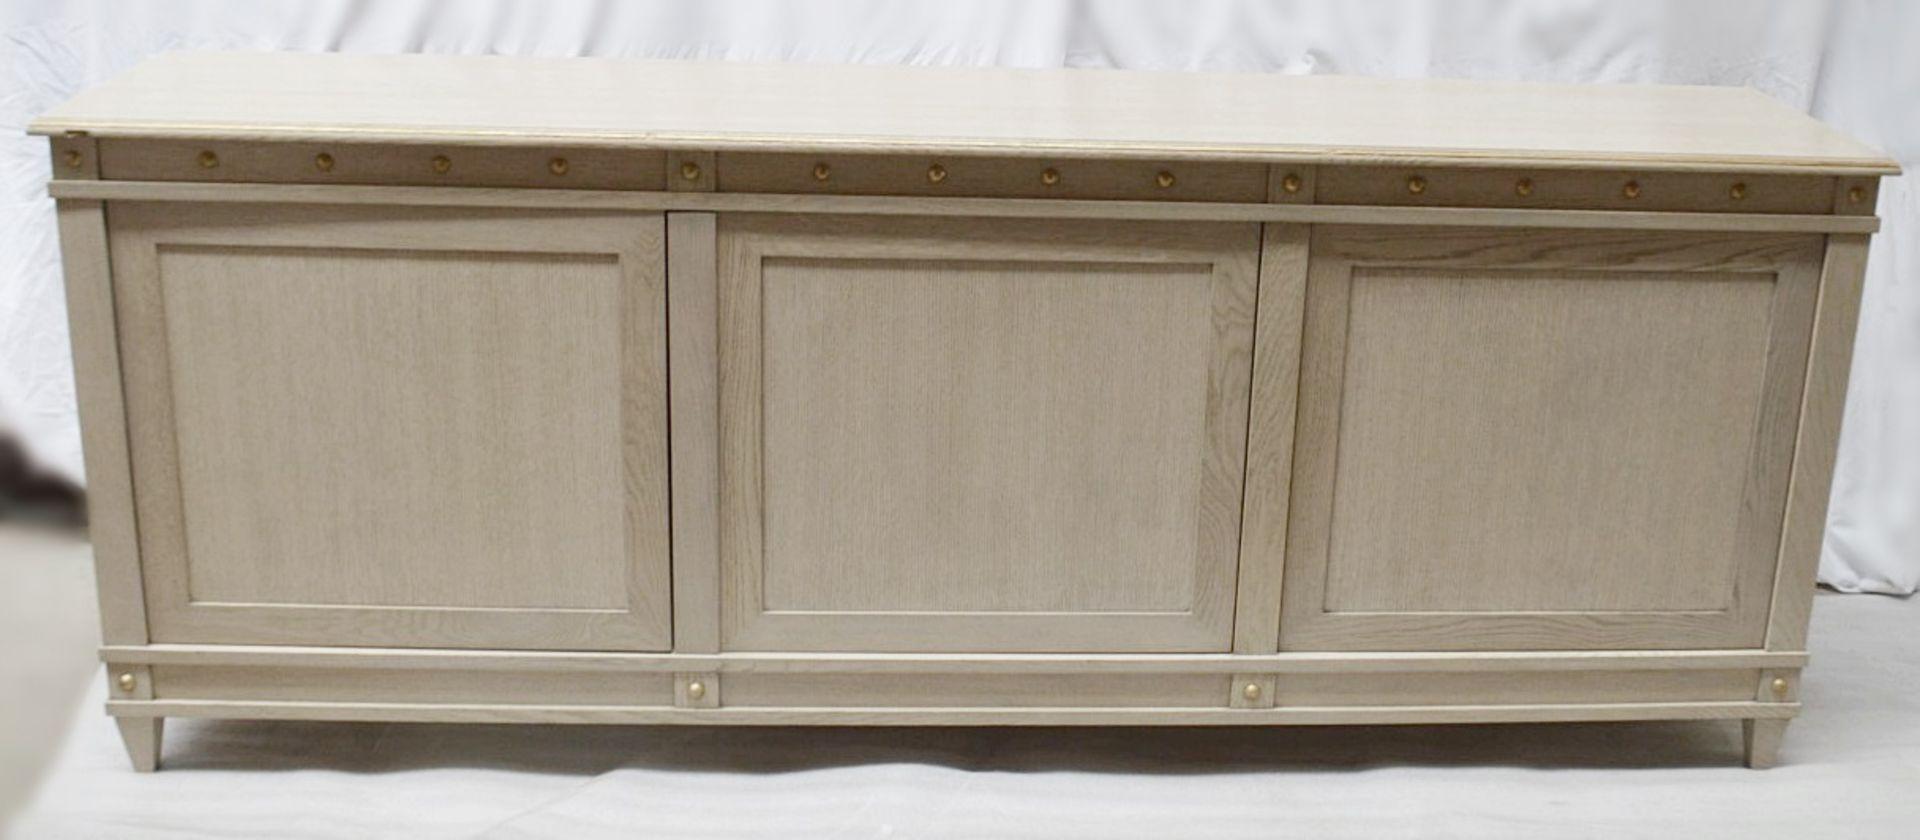 1 x JUSTIN VAN BREDA 'Monty' DesignerRegency-inspired3-Door Sideboard - Original RRP £9,700 - Image 13 of 16